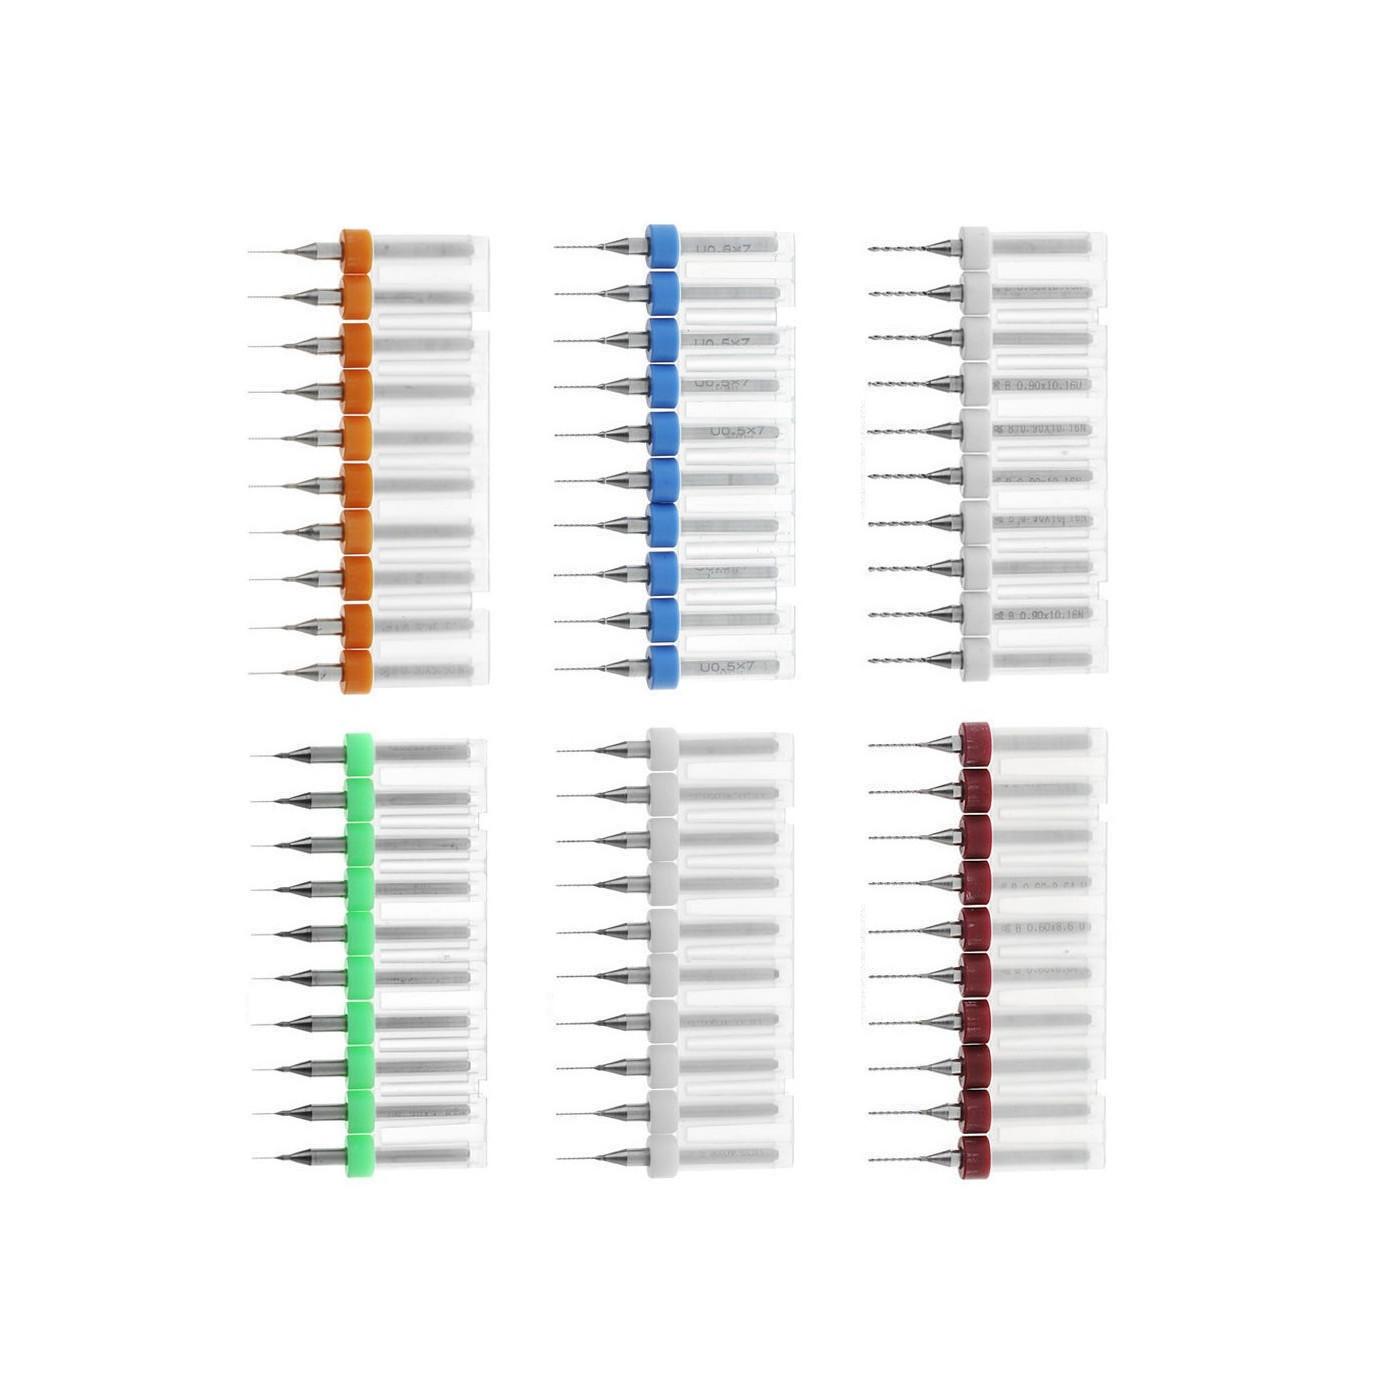 Ensemble de 10 micro forets dans une boîte (0,20 mm)